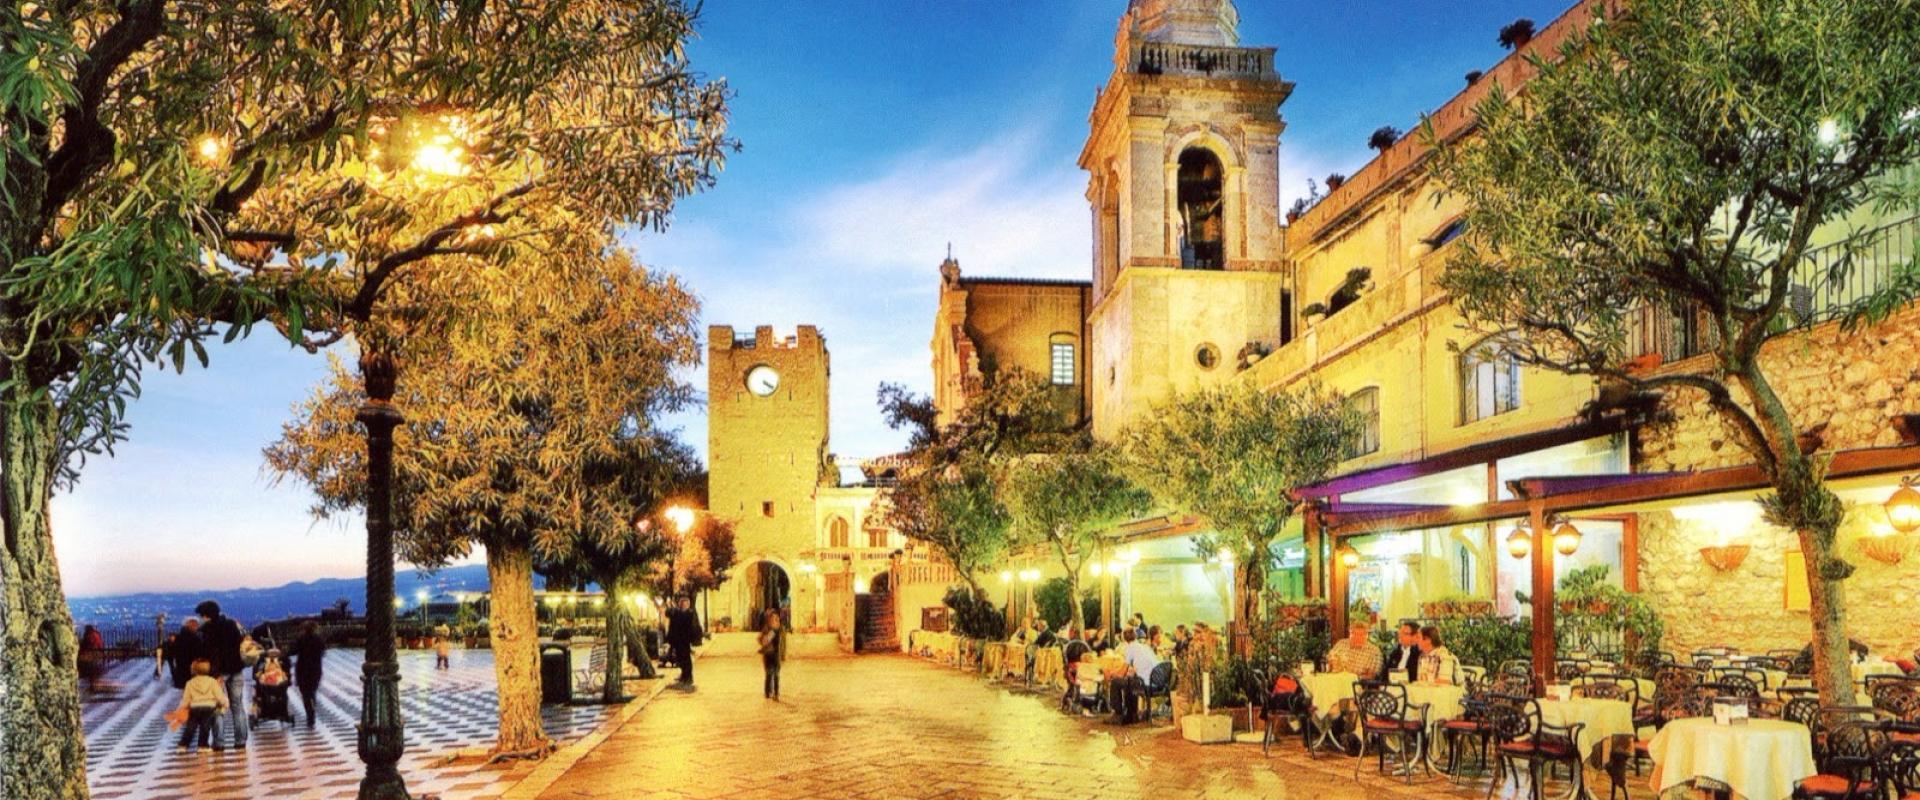 Visit of Taormina